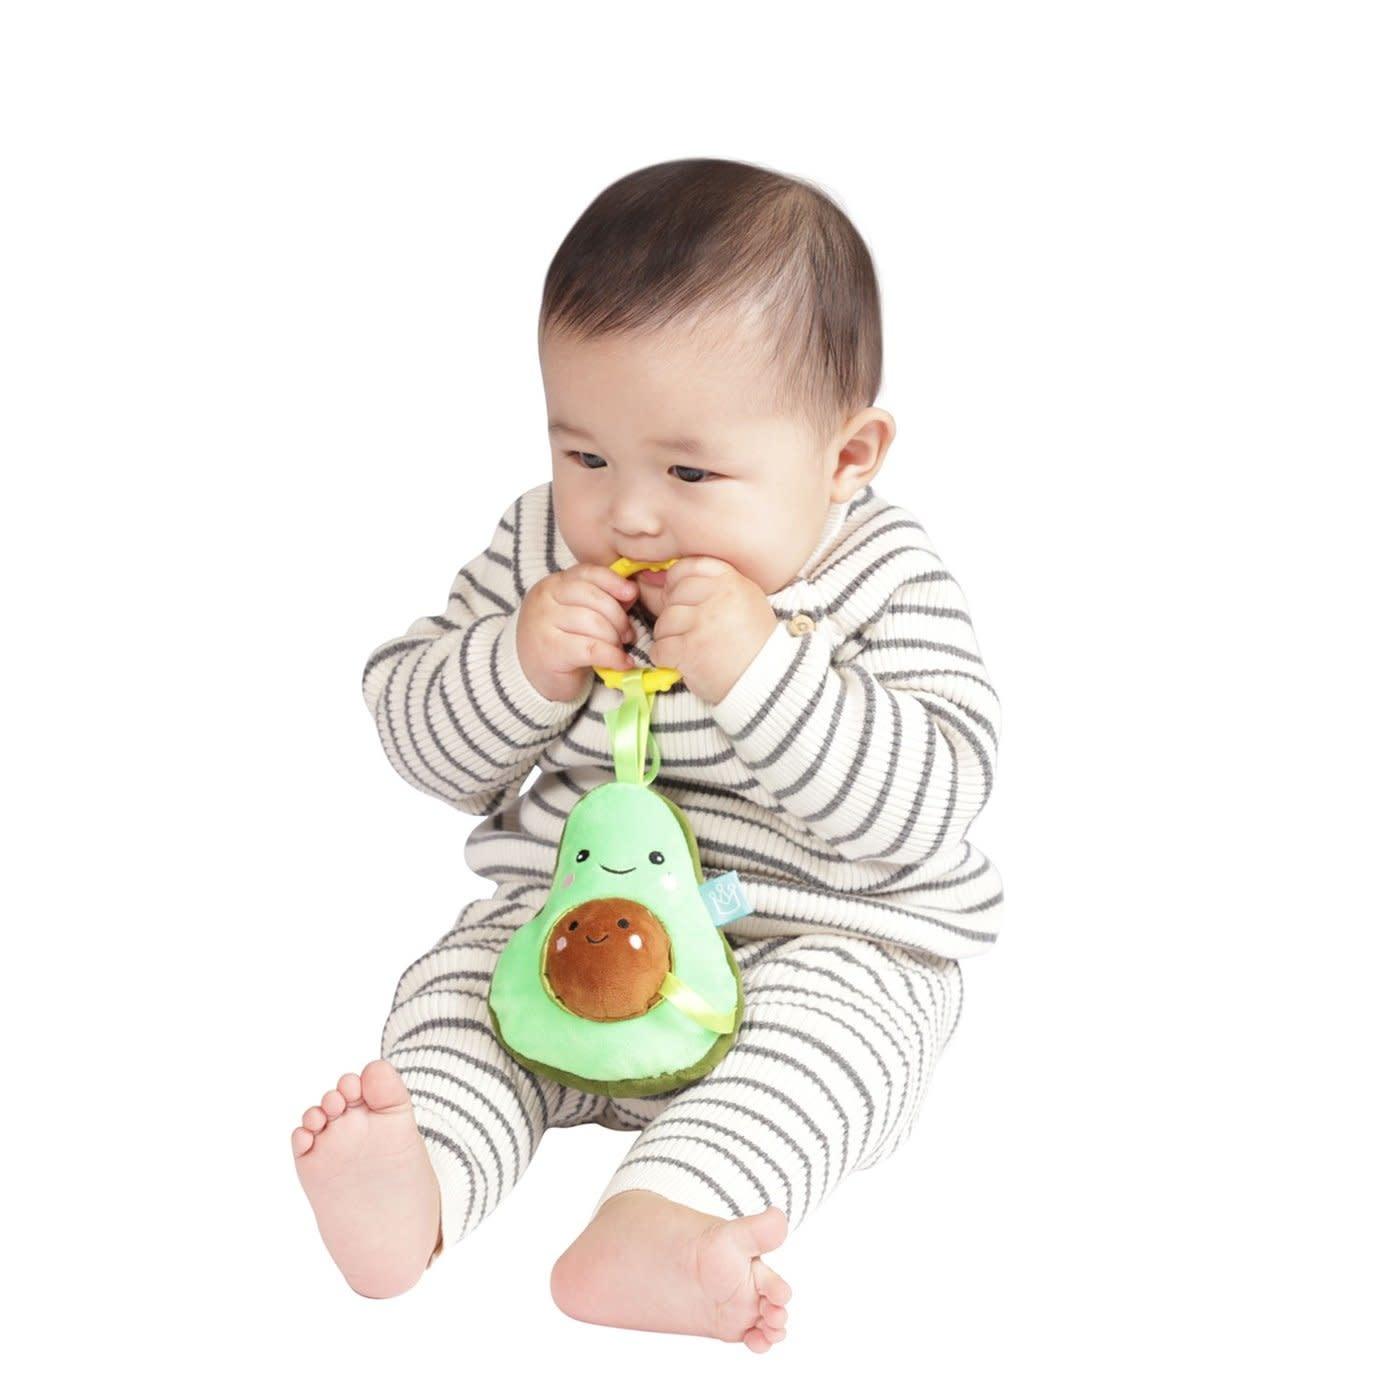 Manhattan Toys Mini-Apple Farm Avocado Take Along Toy